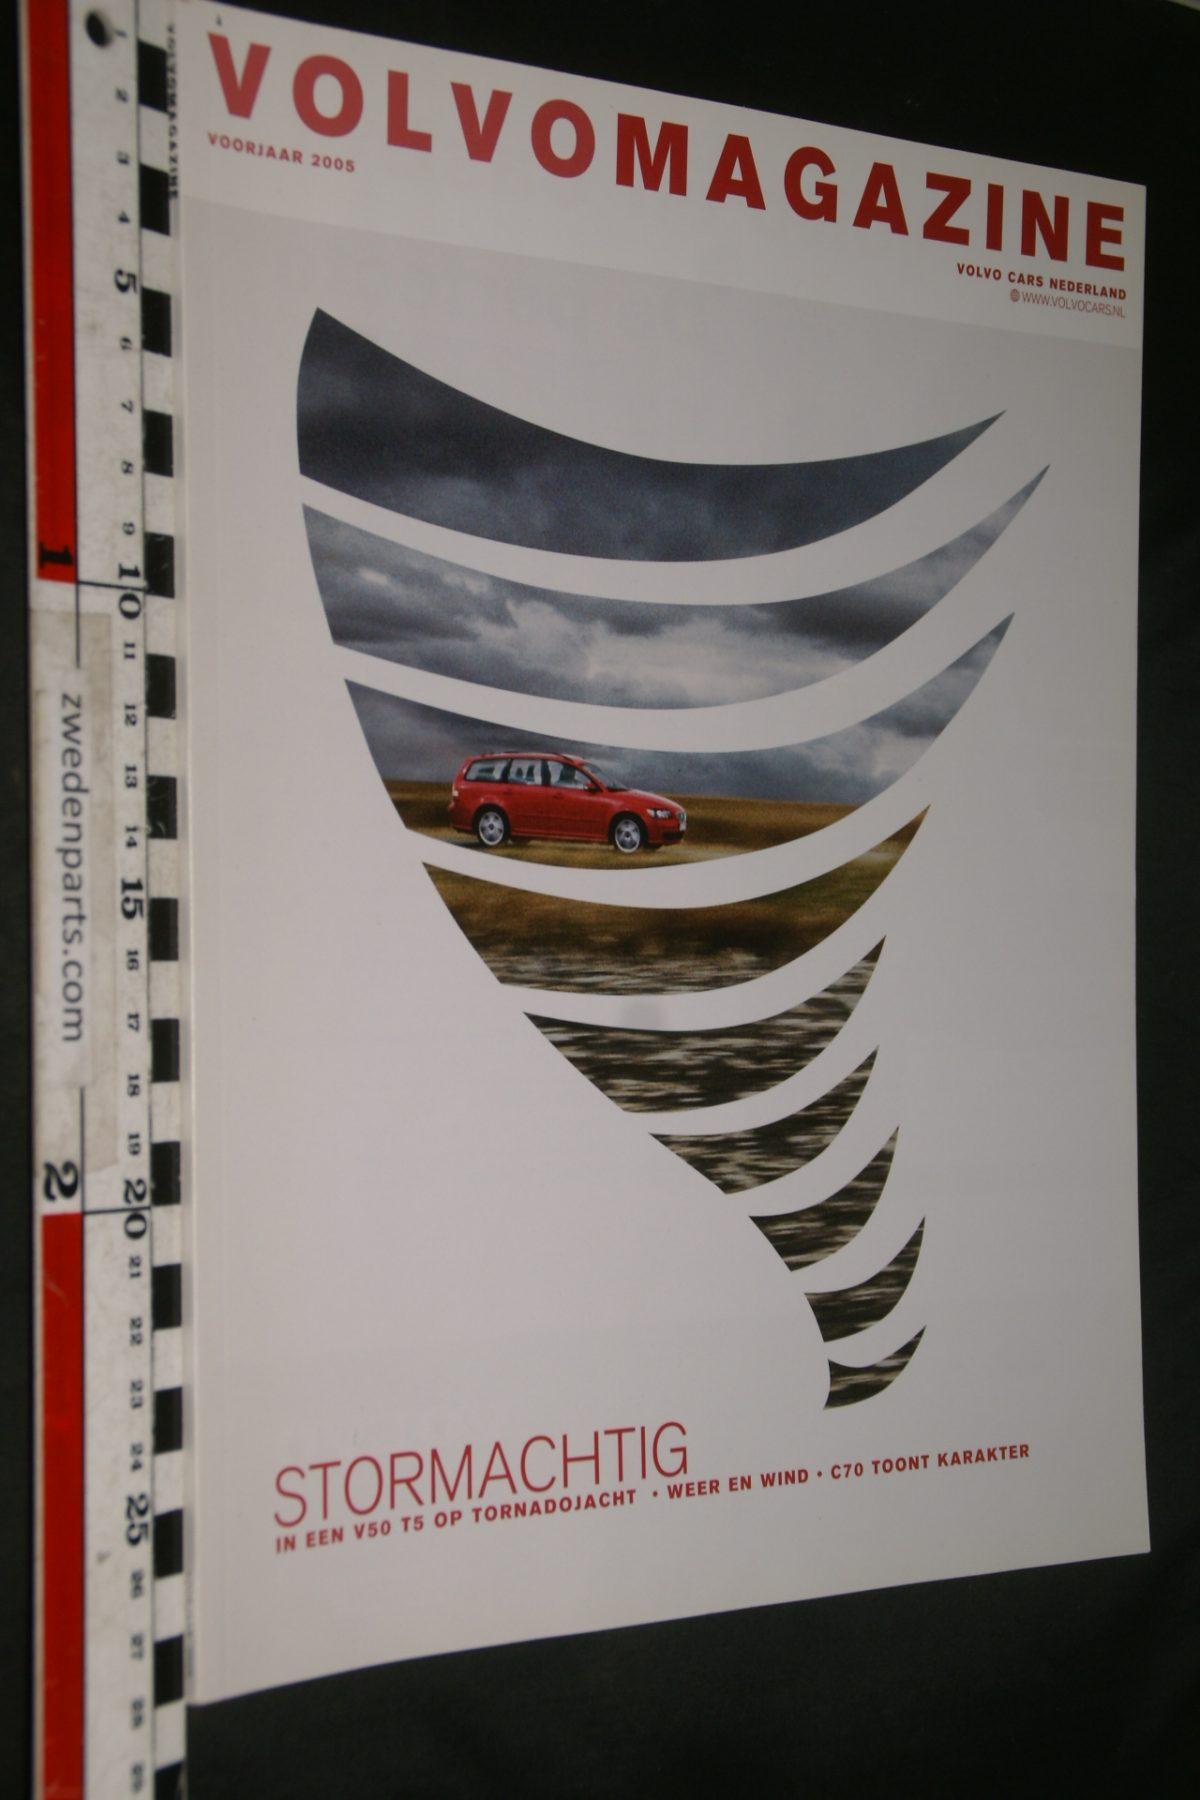 DSC04190 2005 voorjaar tijdschrift Volvomagazine V50 V70